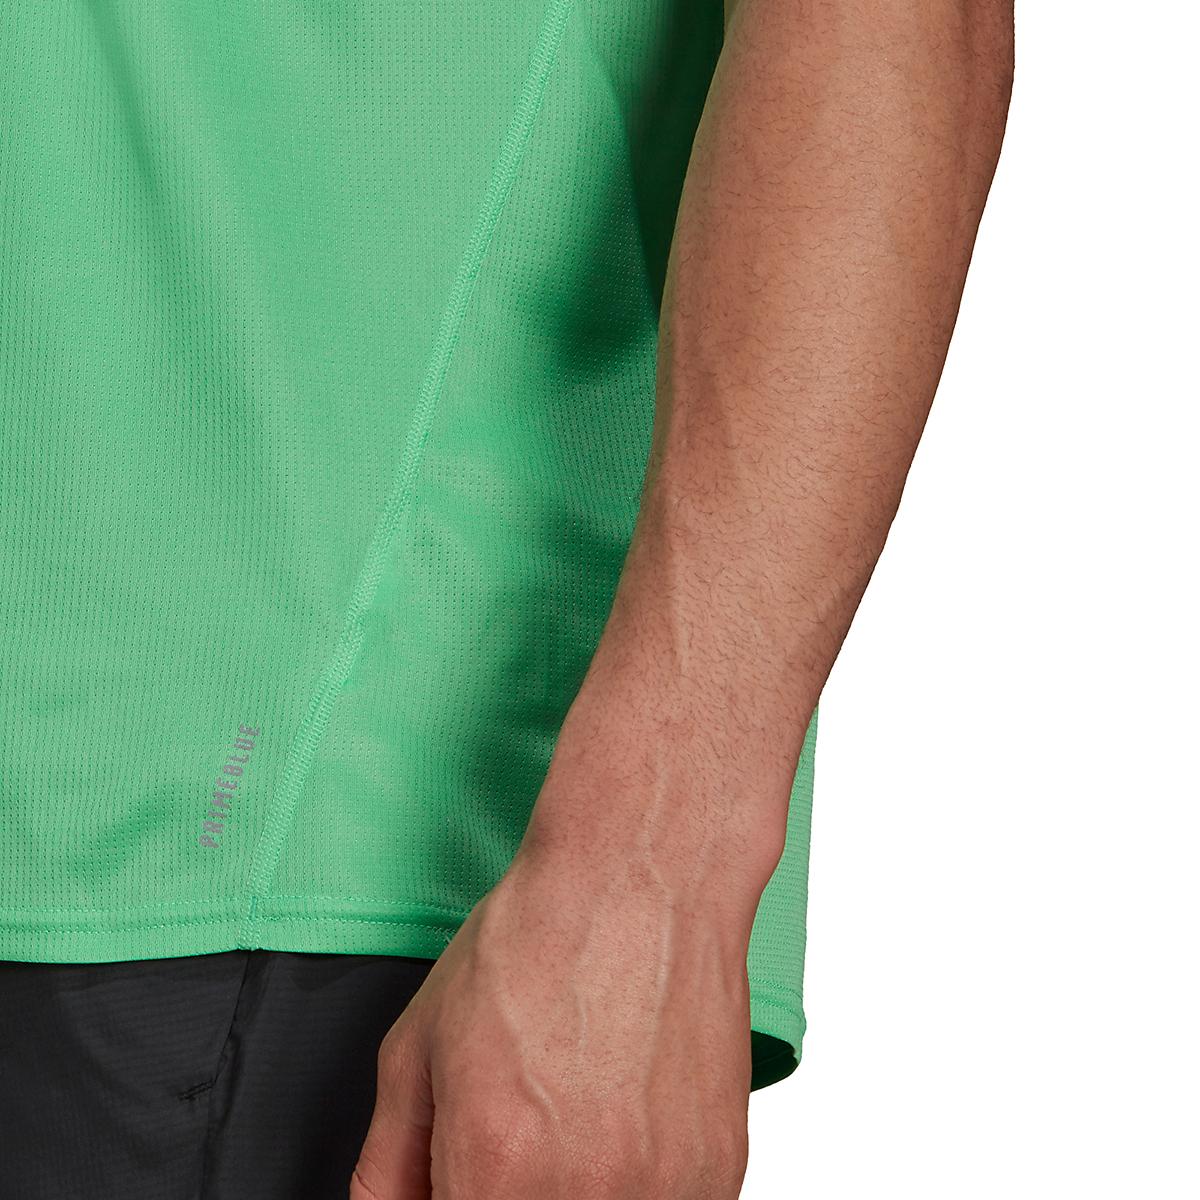 Men's Adidas Fast PrimeBlue Tee  - Color: Semi Screaming Green/Reflective Silver - Size: XS, Semi Screaming Green/Reflective Silver, large, image 4